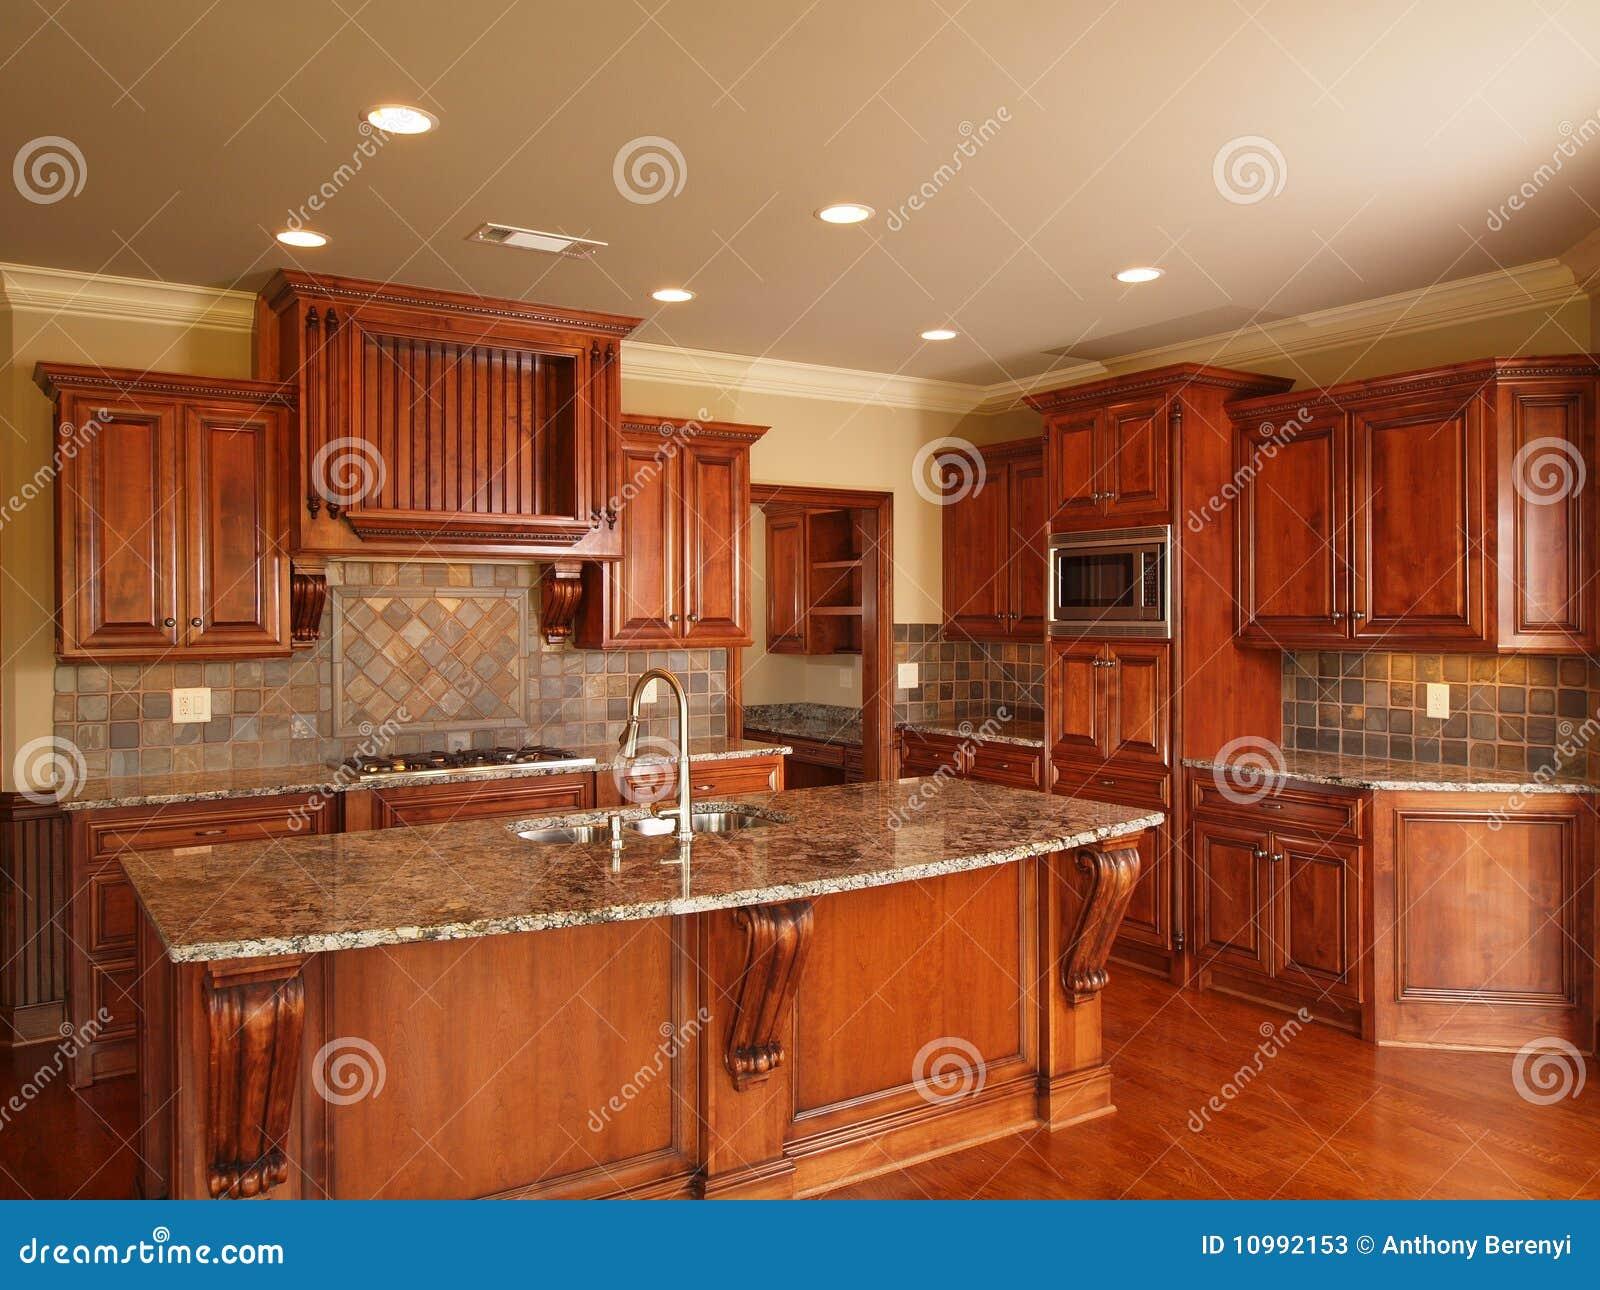 Cuisine en bois fonc e la maison de luxe photos stock for Cuisine luxe bois